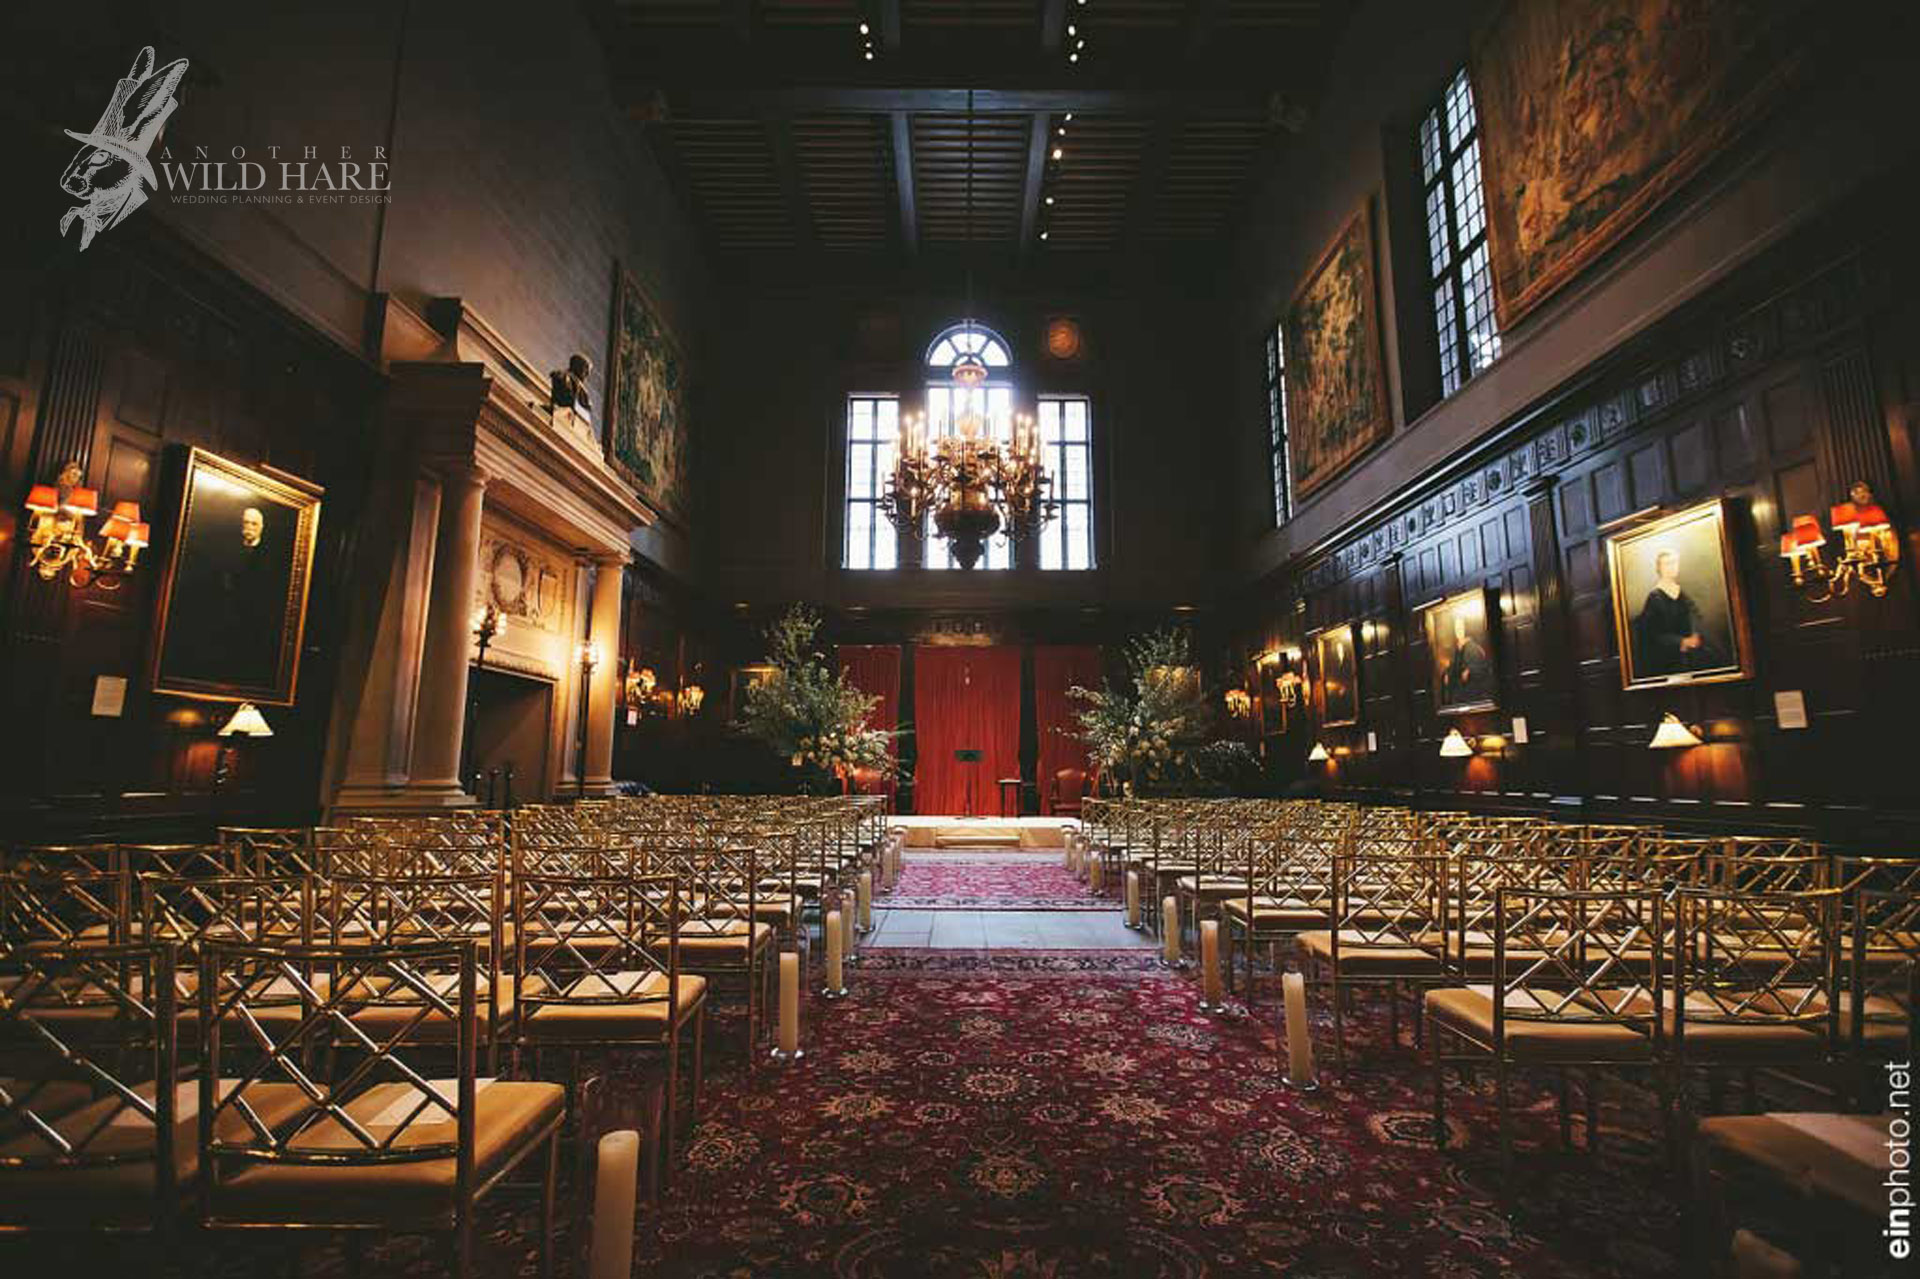 Harvard-Club-Wedding-0020-1024x682 copy